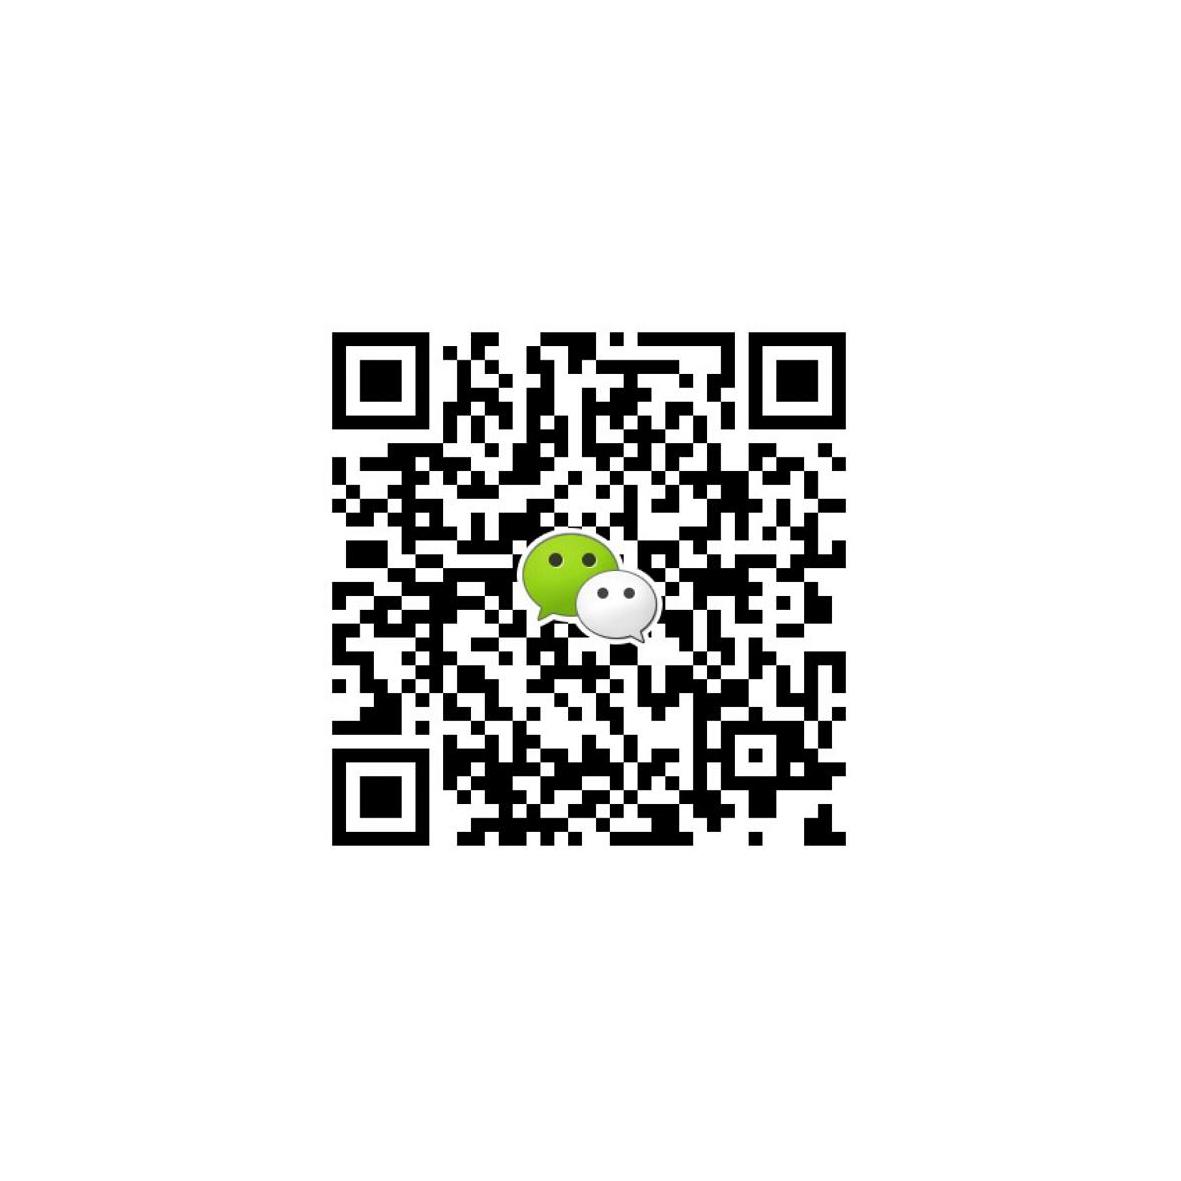 360截图17340912122558.jpg